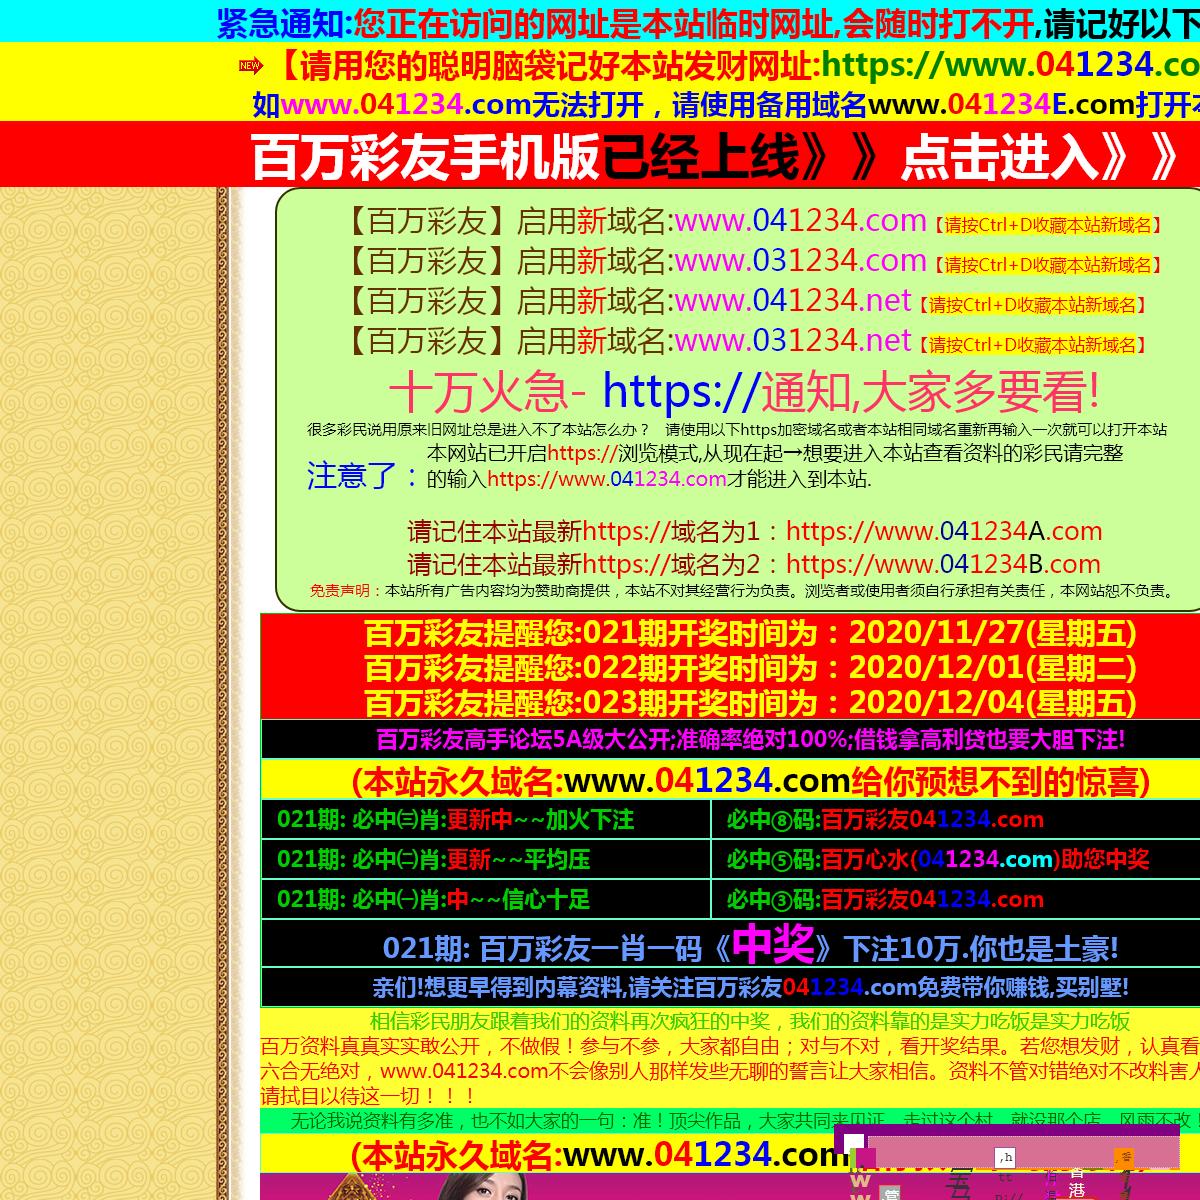 香港管家婆玄机彩图,管家婆彩图cejads88y2,管家婆正版四不像图片网,www.881883.com,www.883402.com